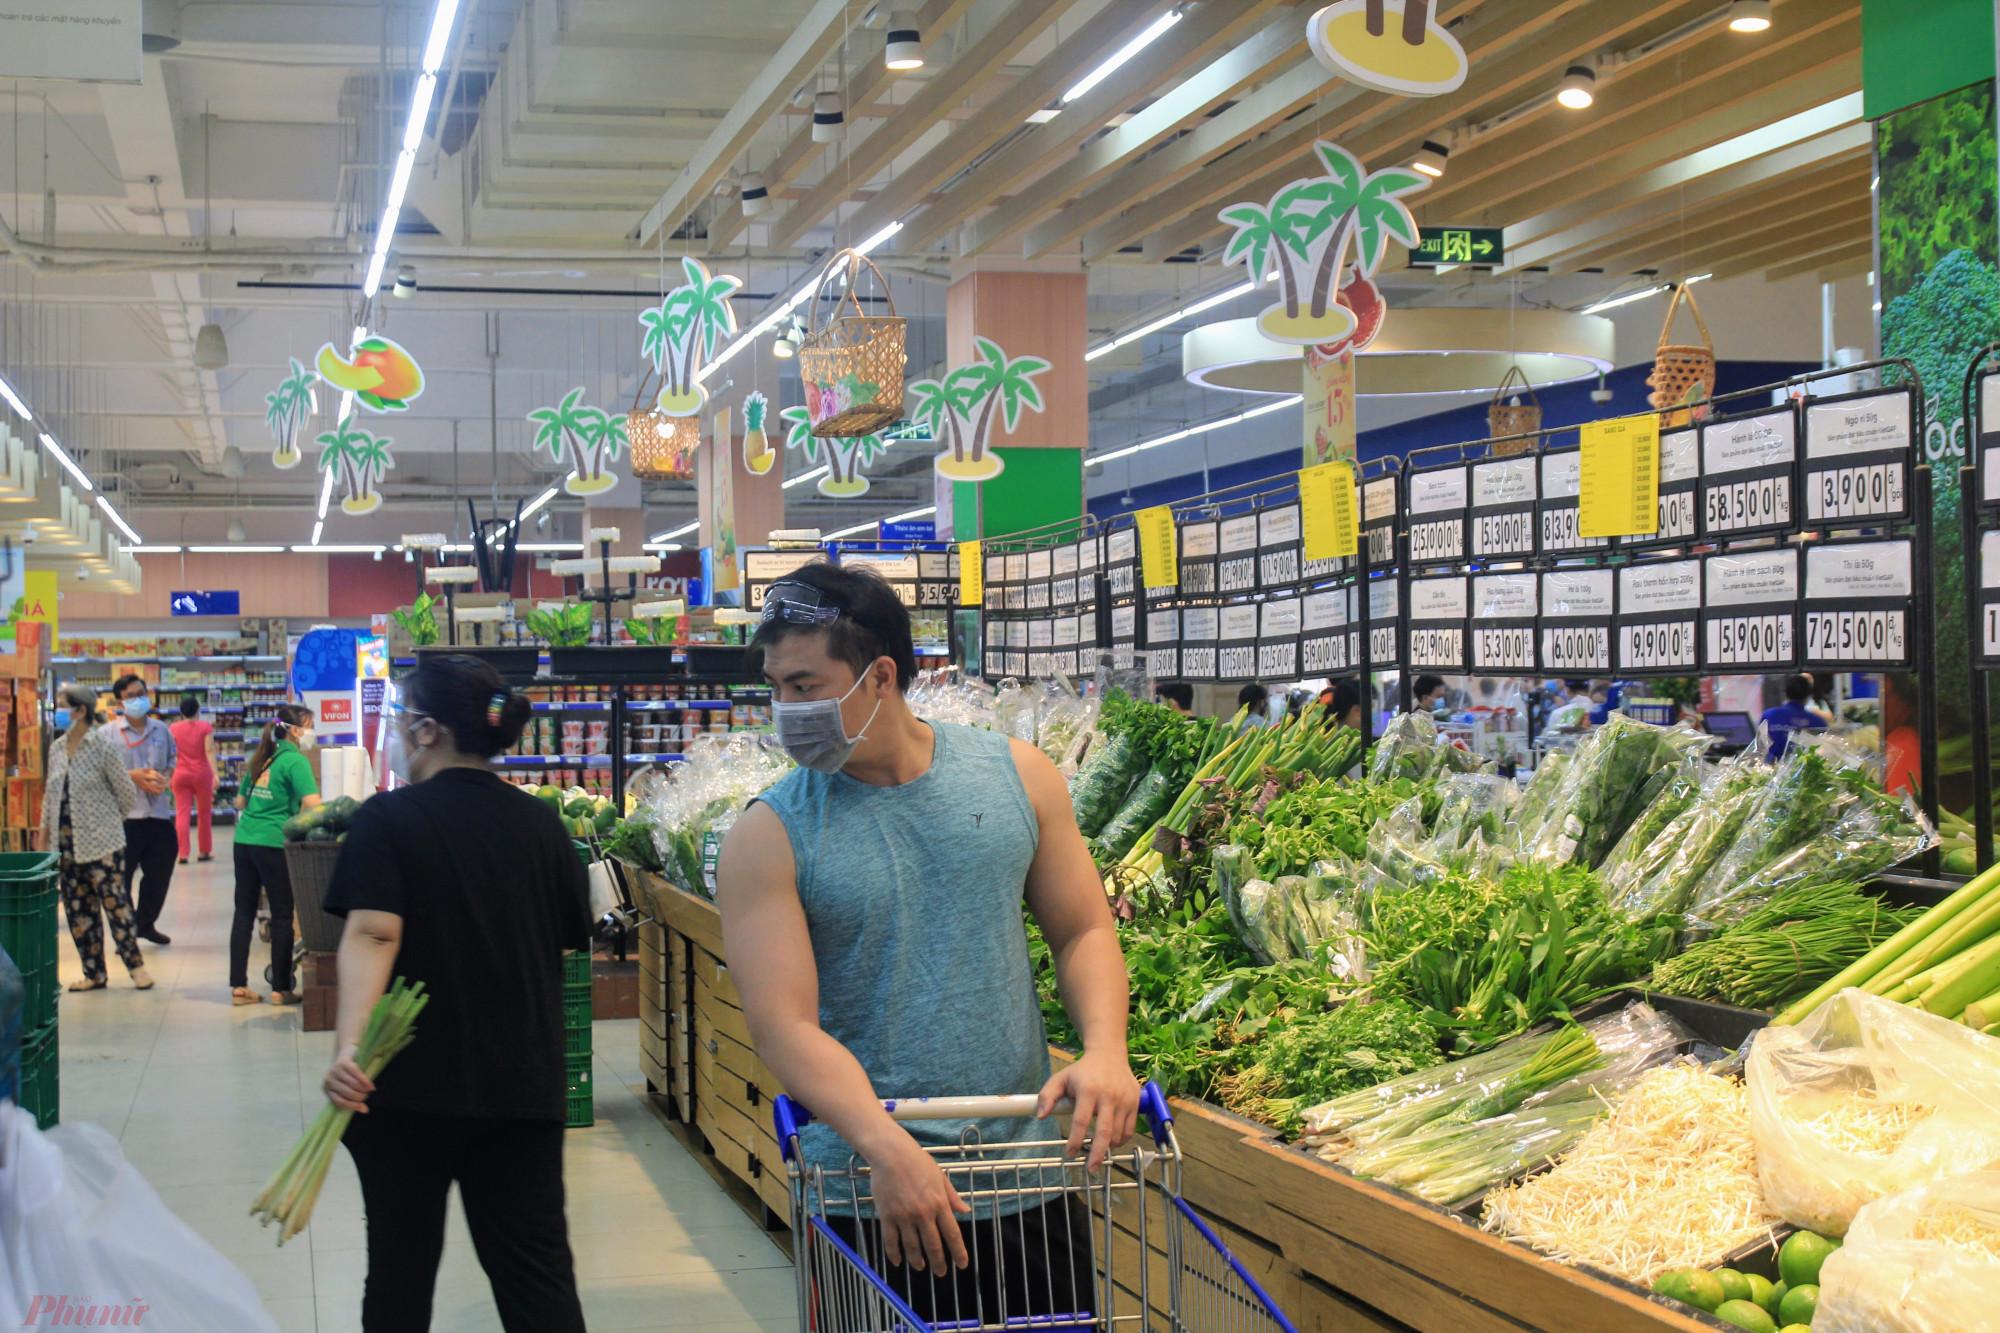 Theo ghi nhận, đa số khách hàng đến mua sắm chủ yếu tập trung ở nhóm hàng tiêu dùng nhanh, rau củ, trái cây, thịt cá và các sản phẩm đồ đóng hộp.